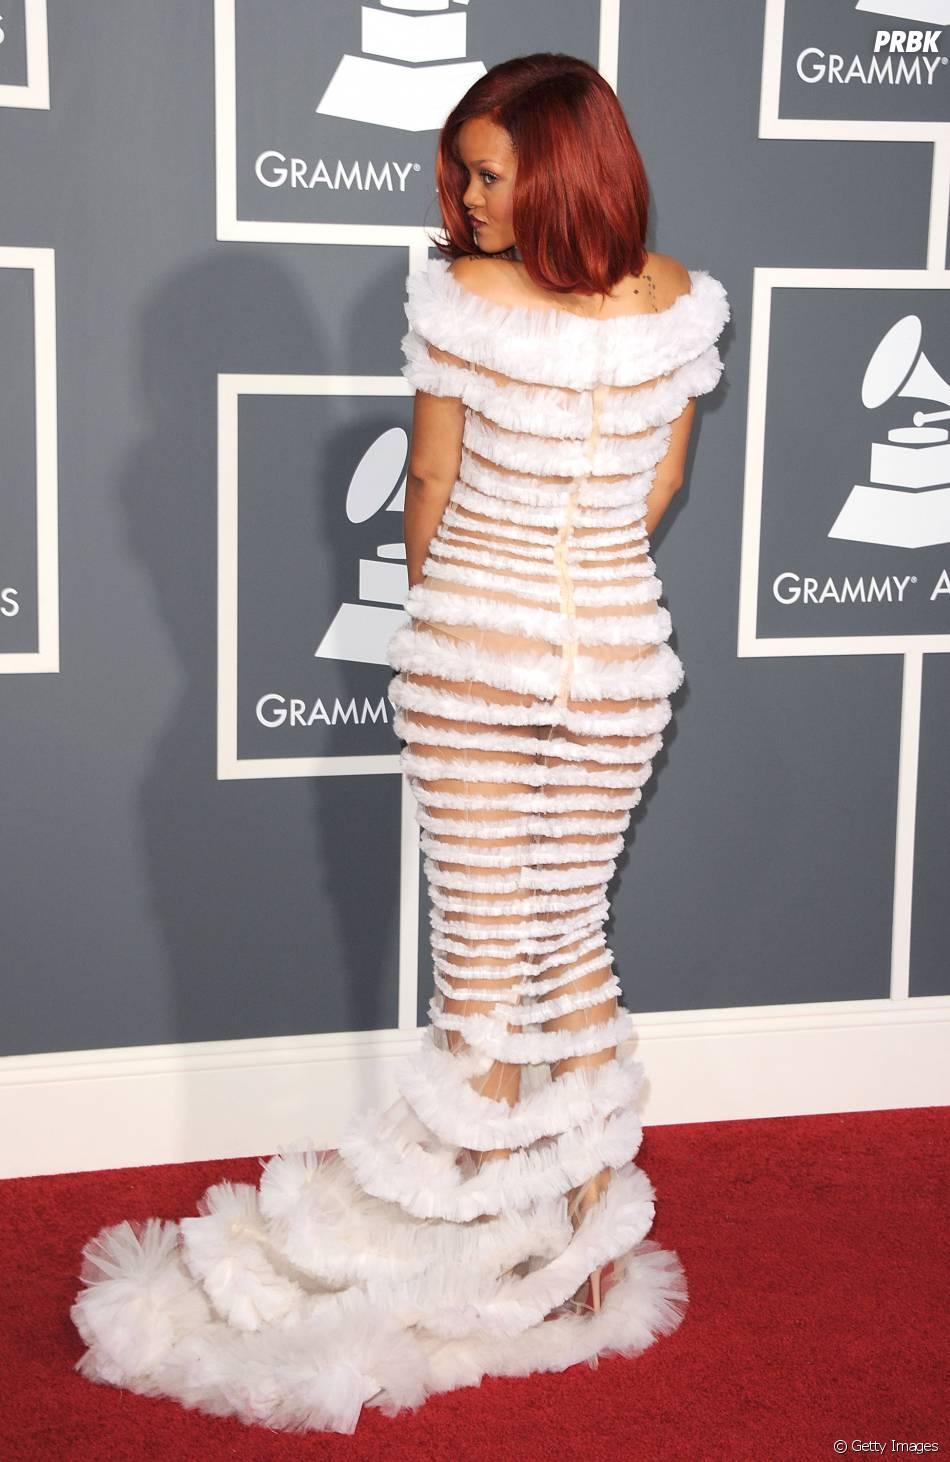 De novo o bumbum! Em vestido branco, alternando entre faixas e transparências, Rihanna mostrou um pouco de sua bunda